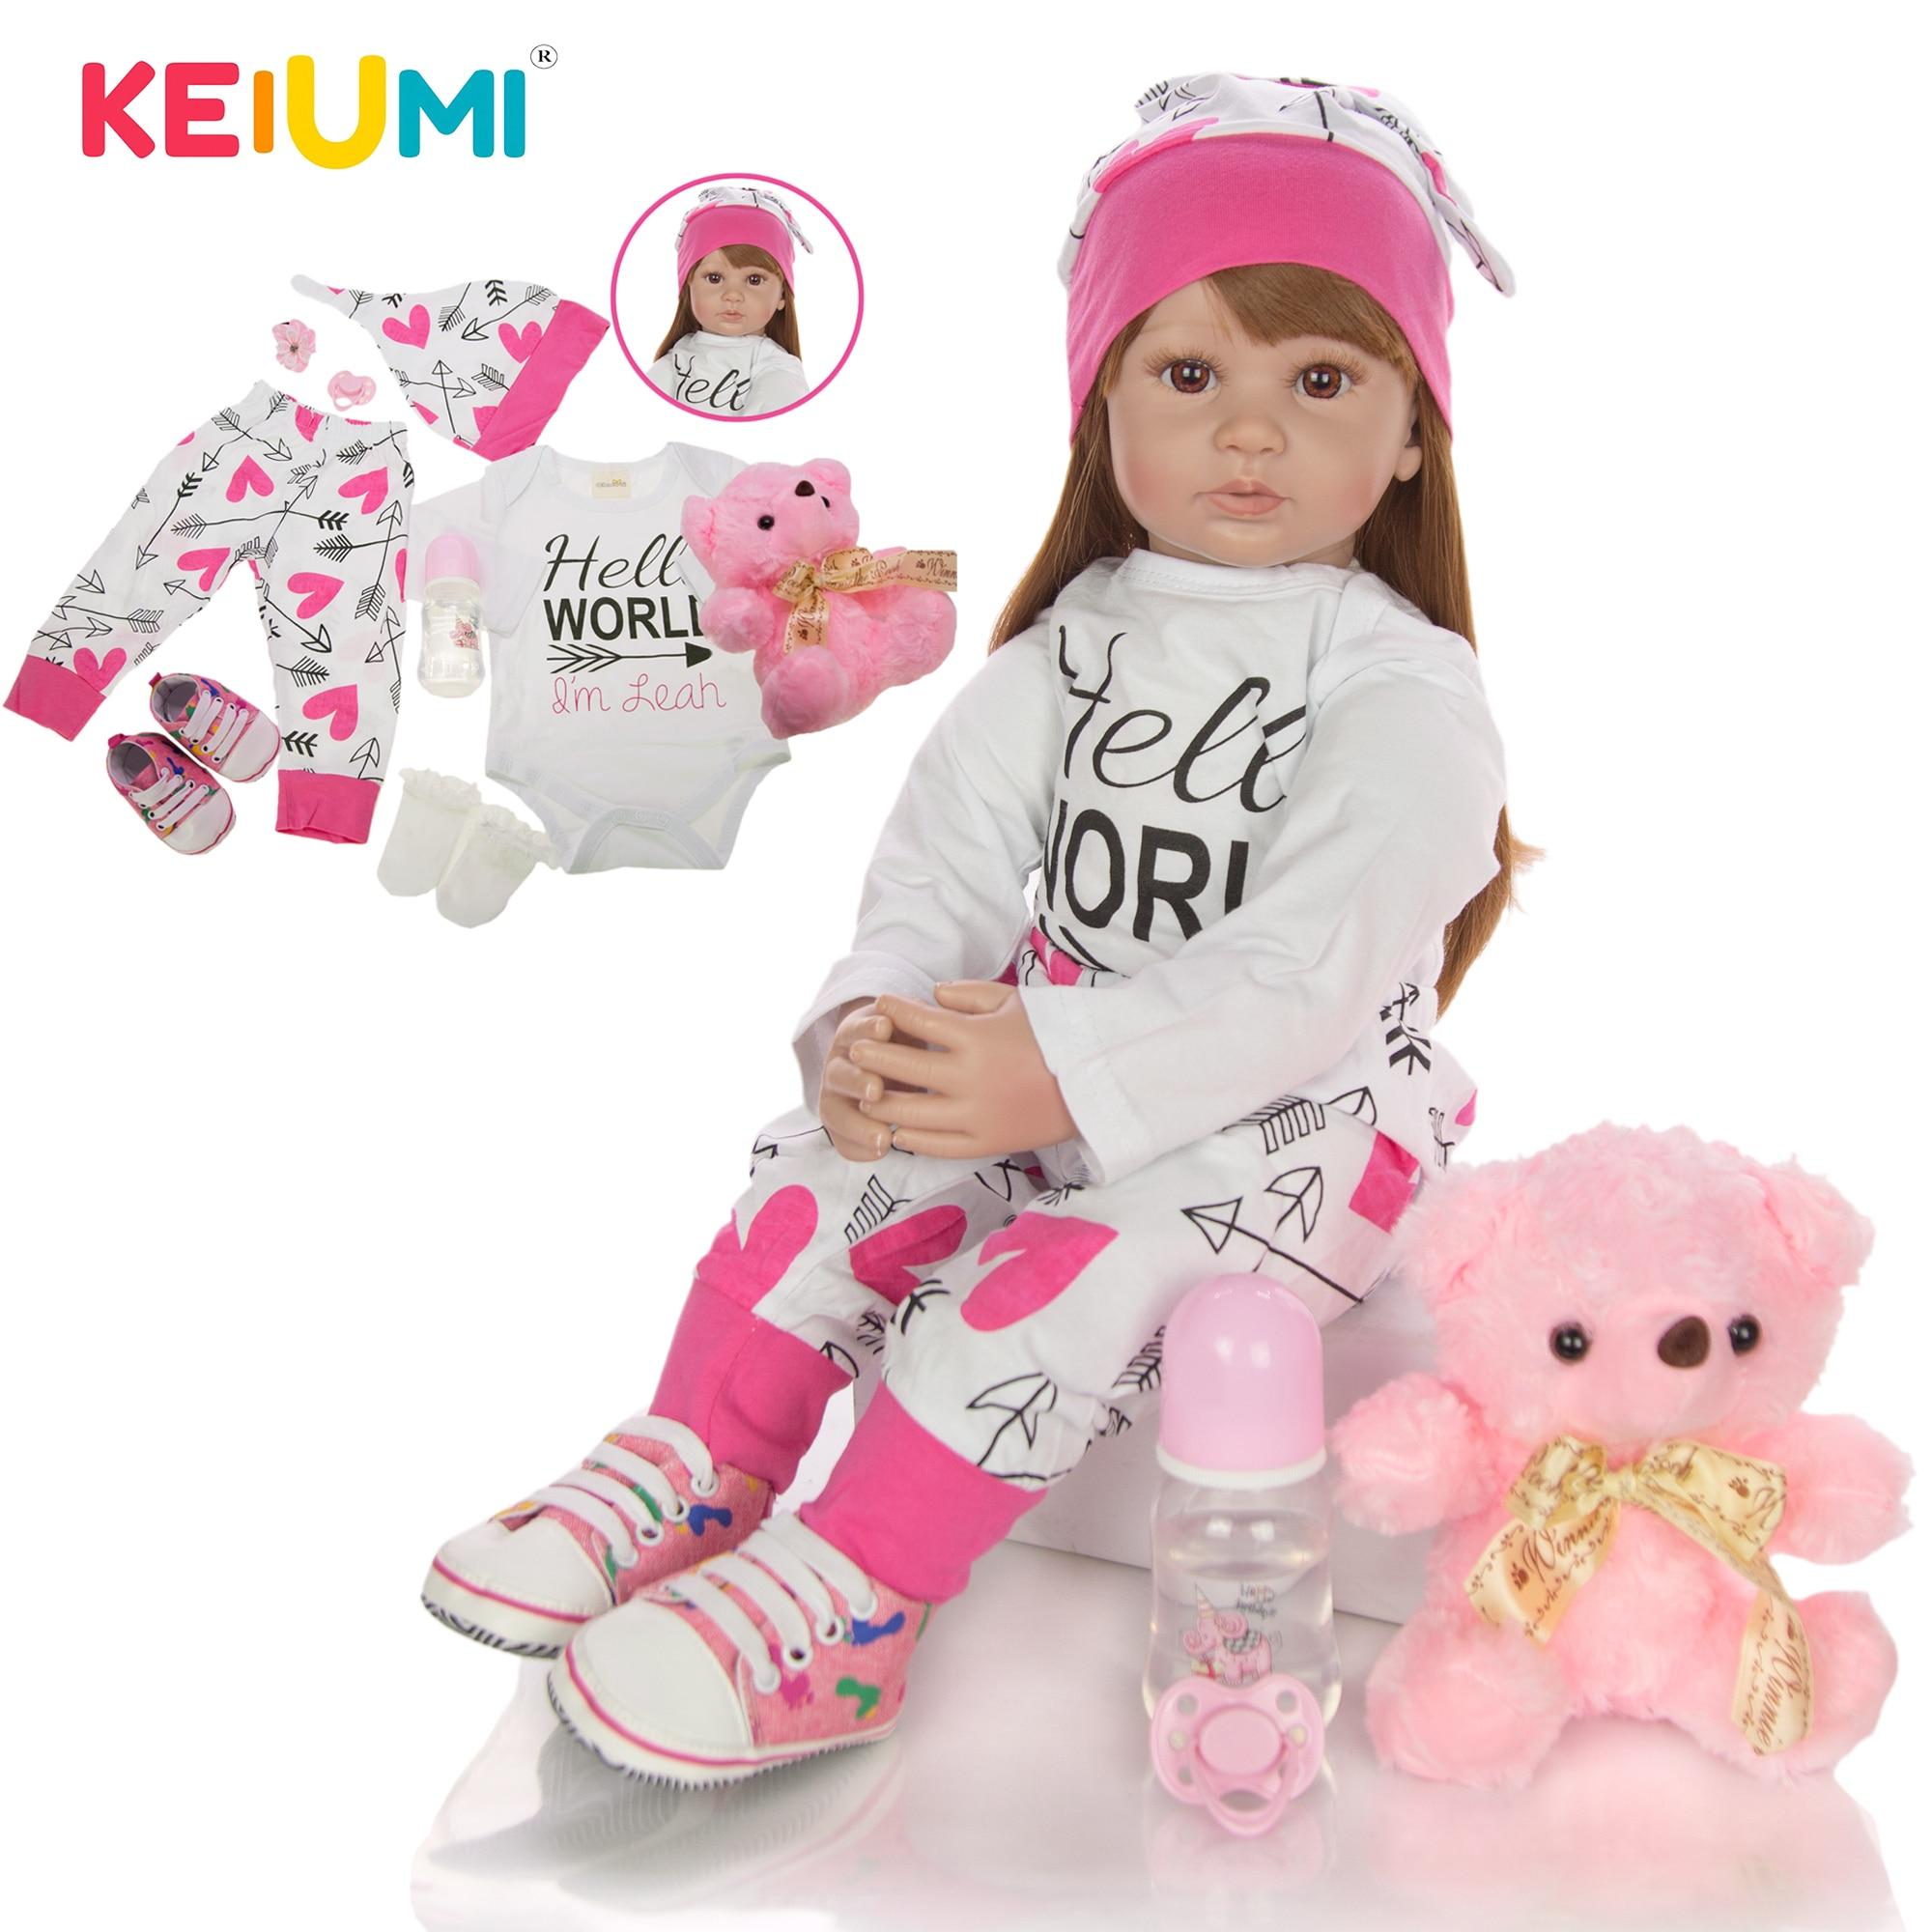 60 cm Neugeborenen Mädchen Realistische Baby Puppen Tuch Körper Gefüllte Mode Reborn Boneca Spielzeug Für Kleinkind Geburtstag Geschenke Schlafengehen Playmate